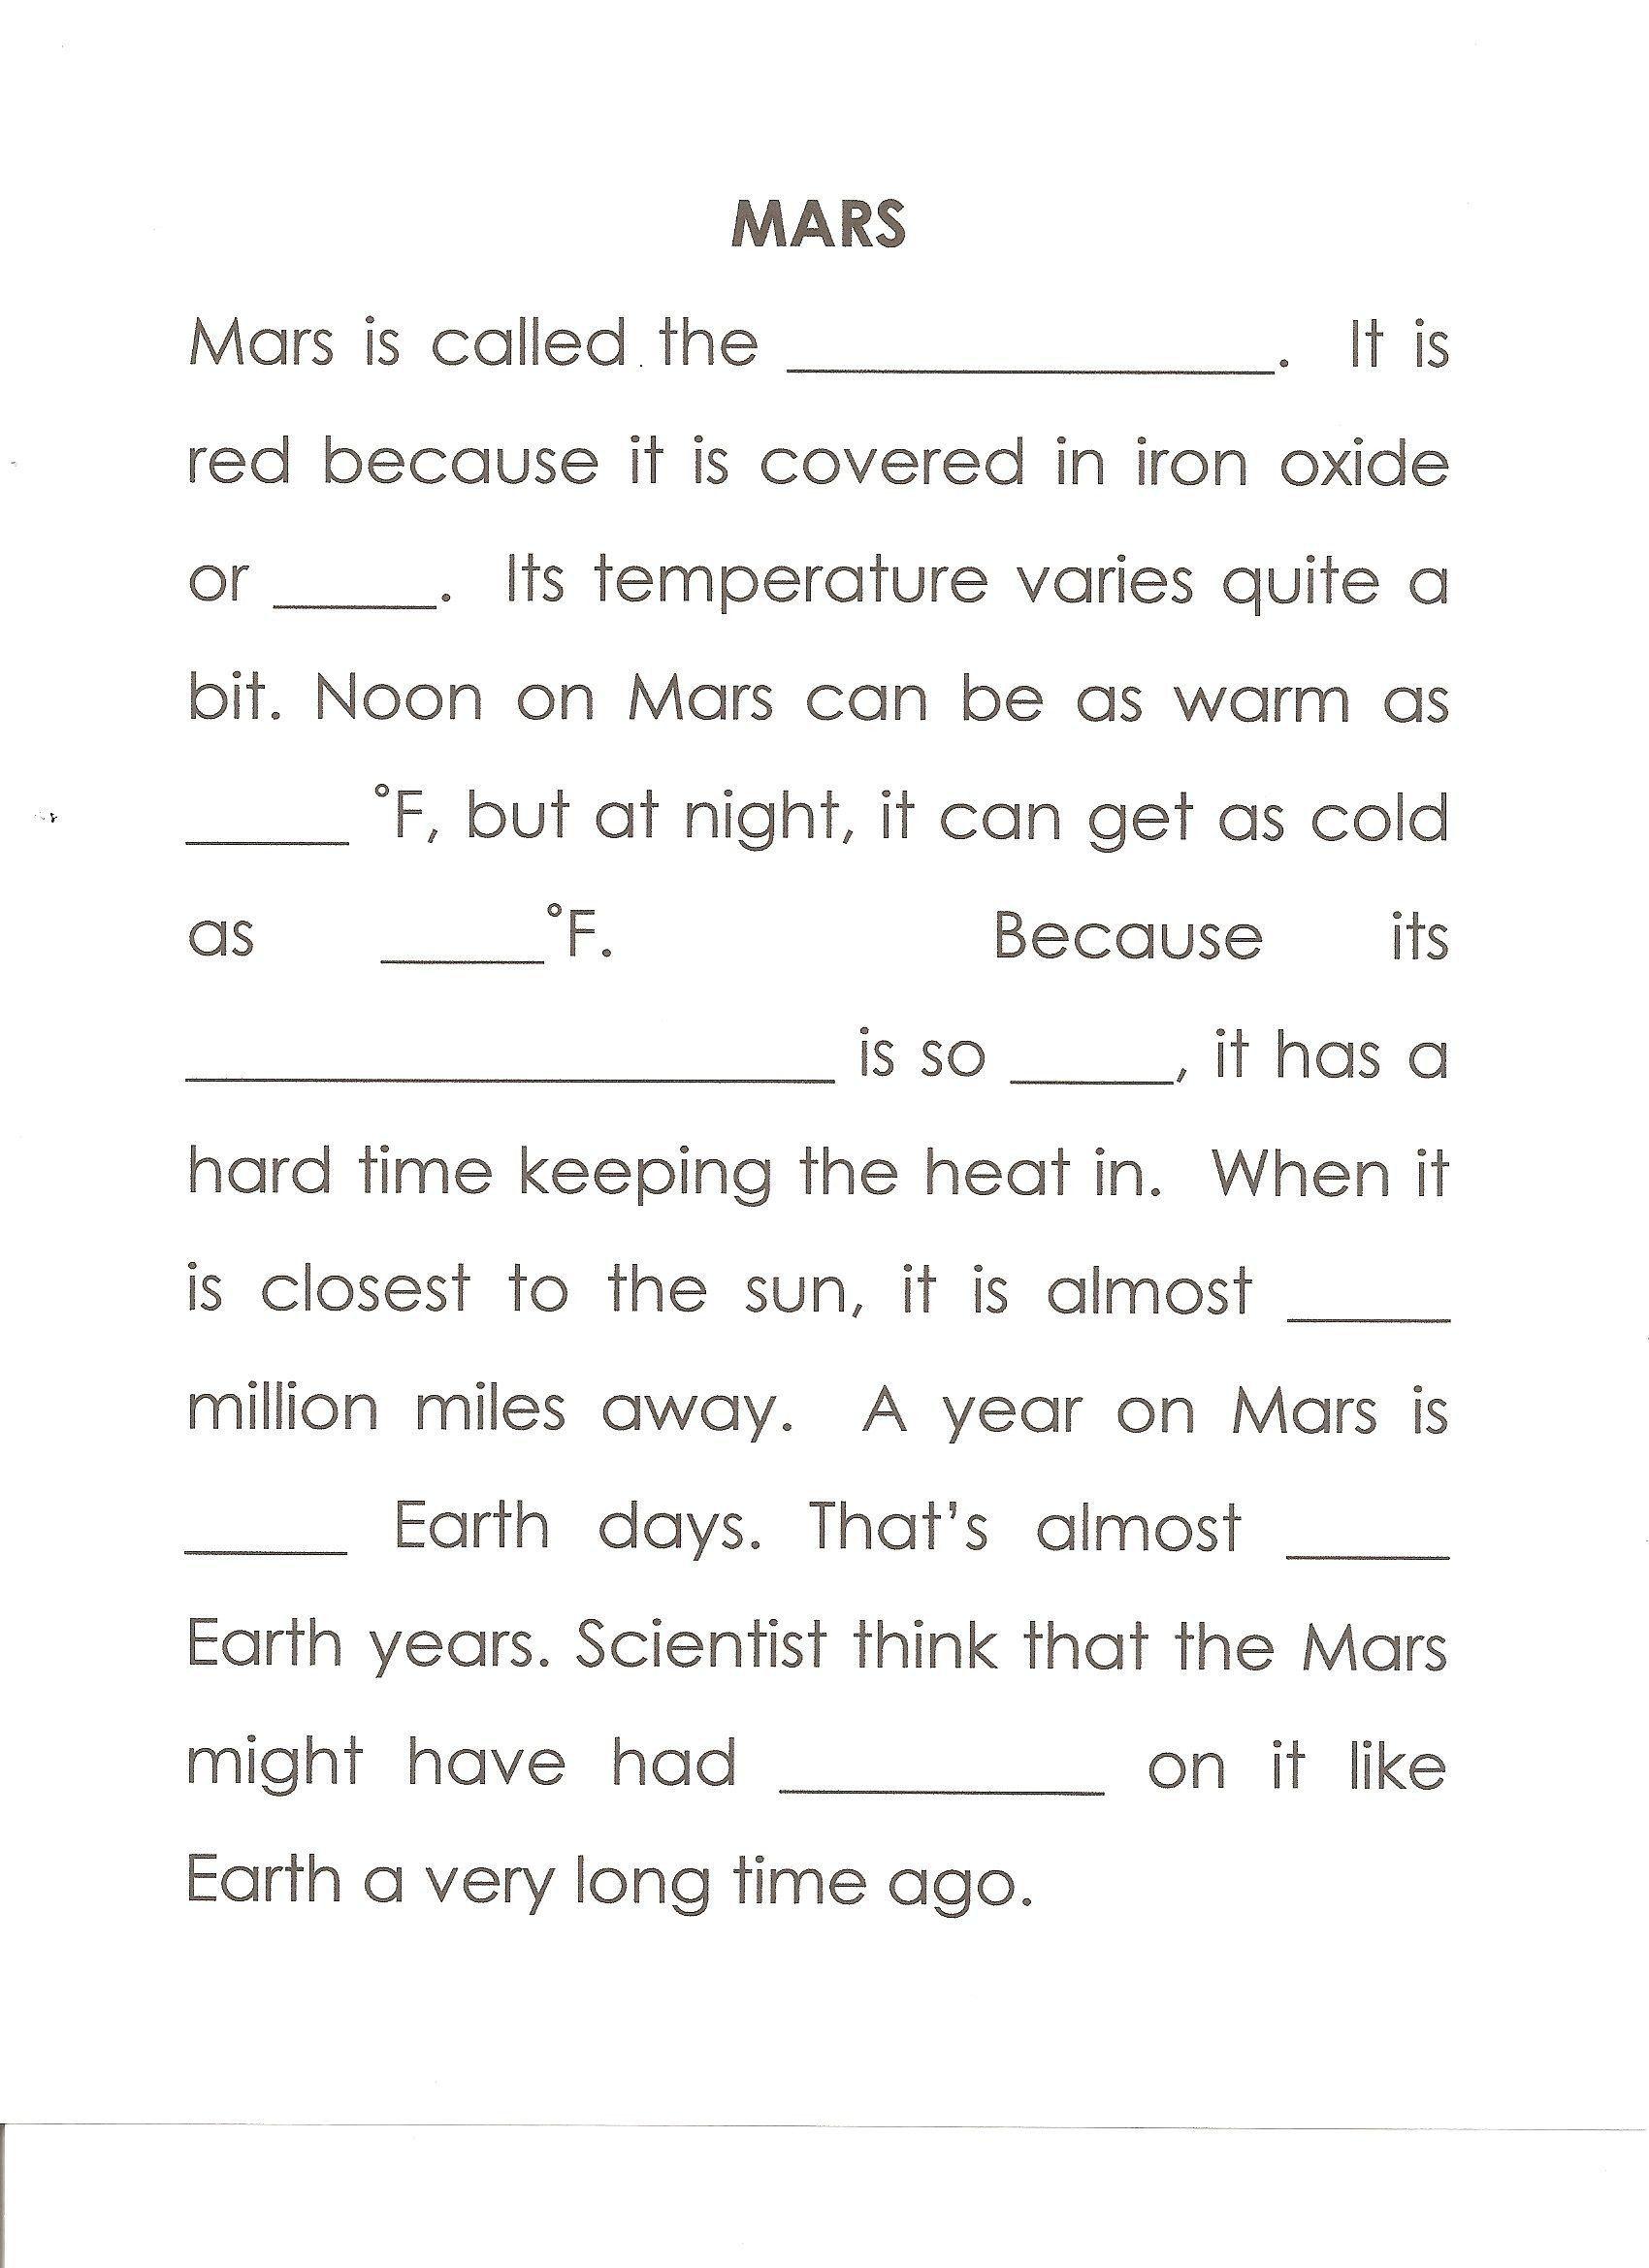 Properties Of Water Worksheet Biology Mars Worksheet